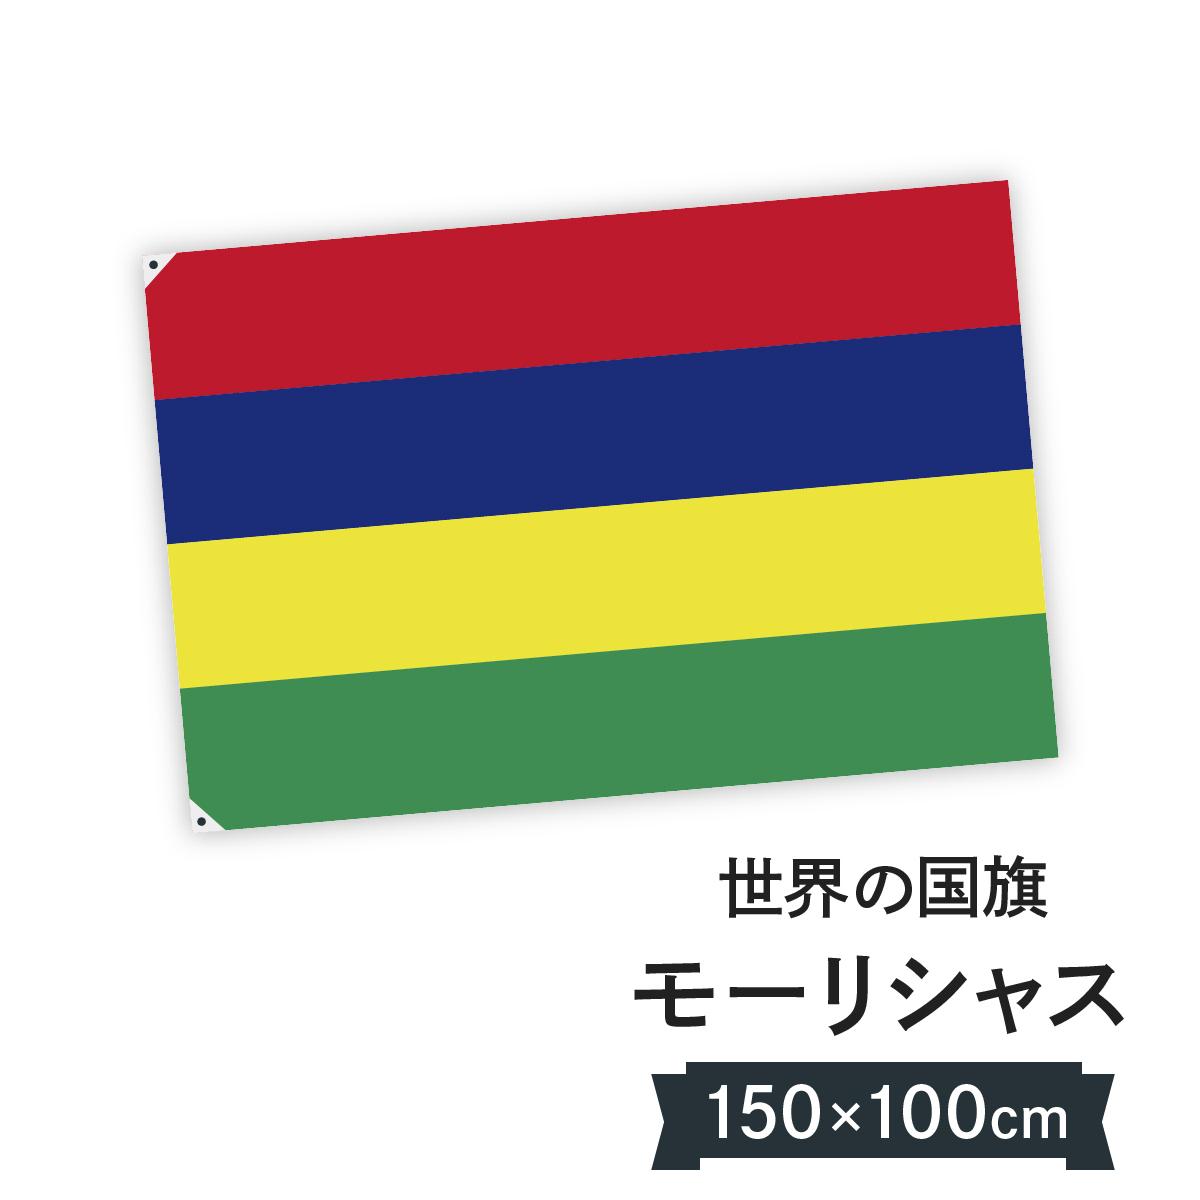 モーリシャス共和国 国旗 W150cm H100cm